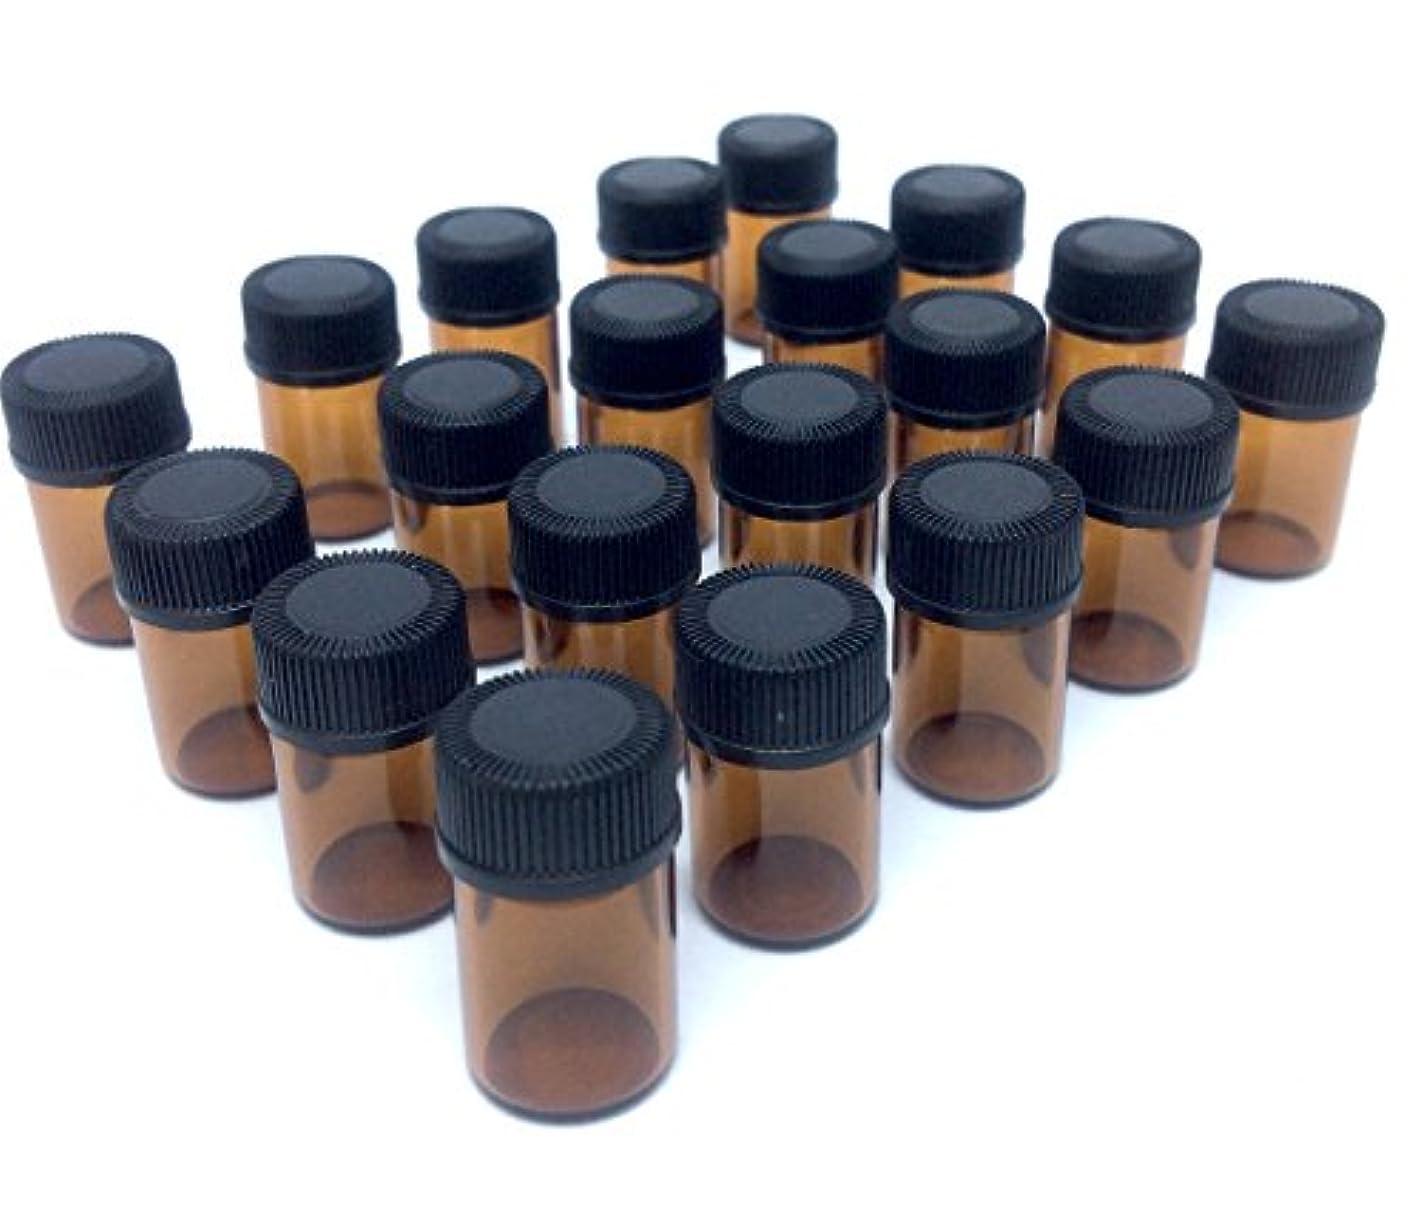 ボリューム気絶させるマークダウンアロマオイル 遮光瓶 精油 小分け用 ガラス製 保存容器 20本 セット (2ml)